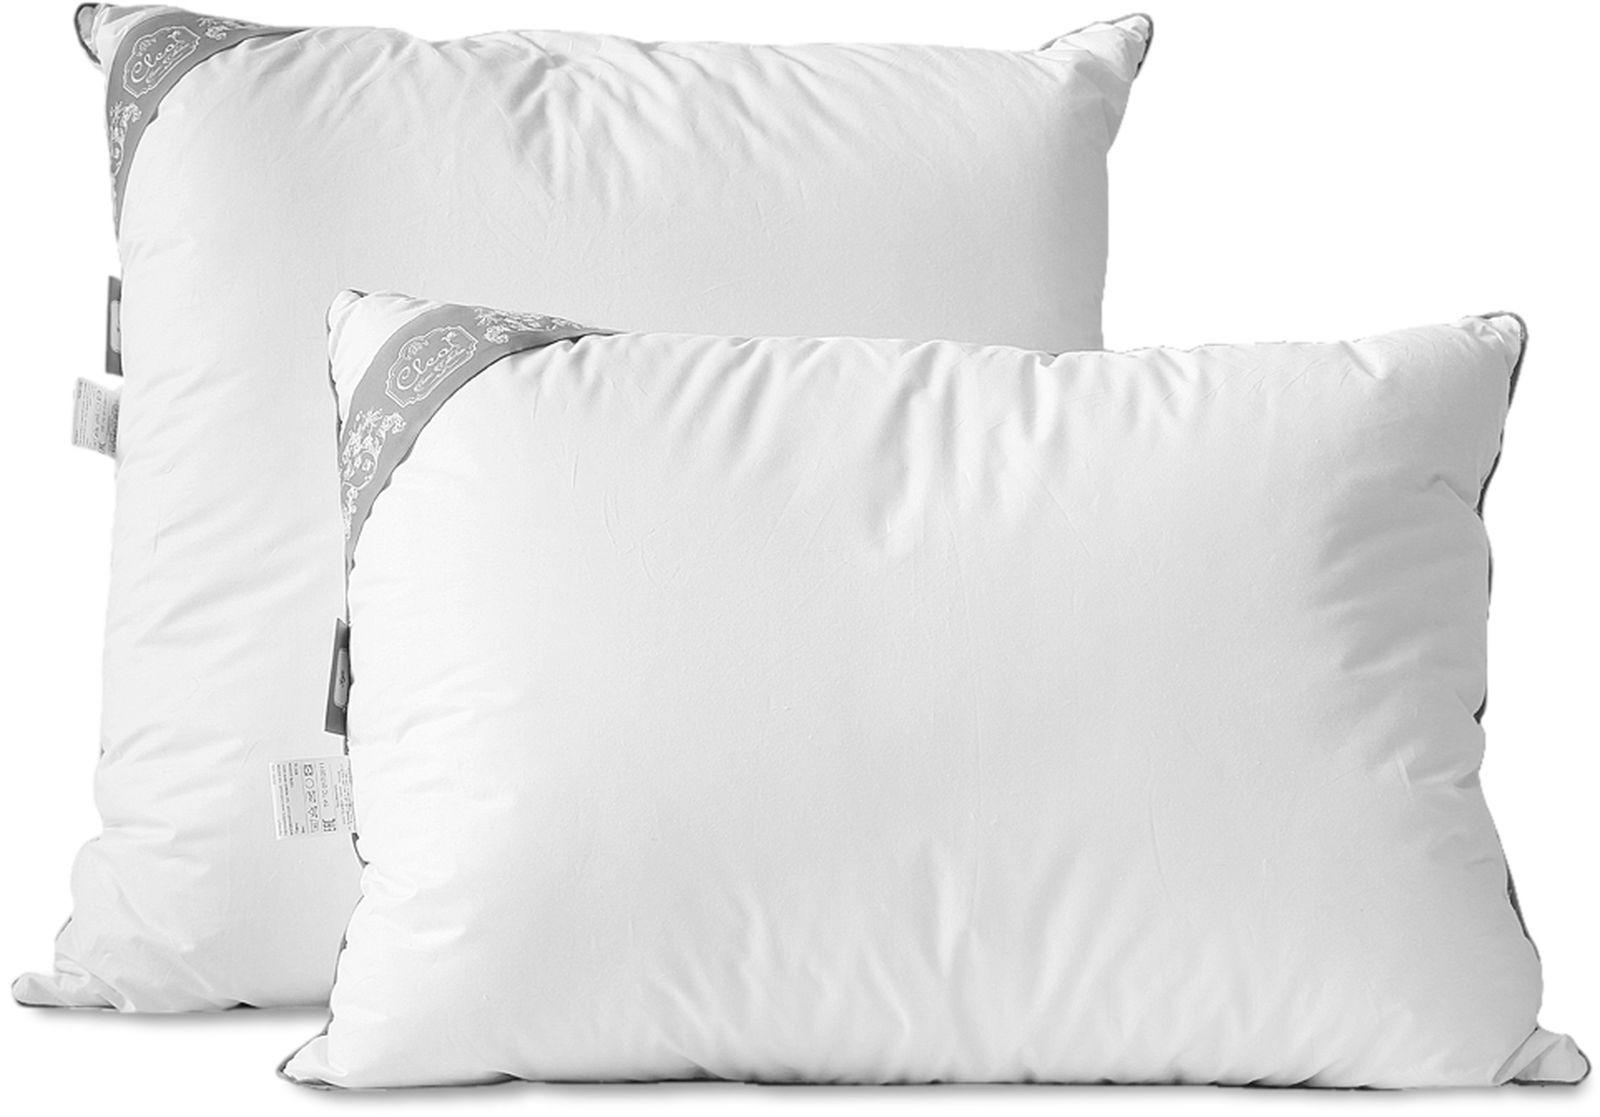 Подушка Cleo Пух Comfort, наполнитель: пух, белый, 50 х 70 см